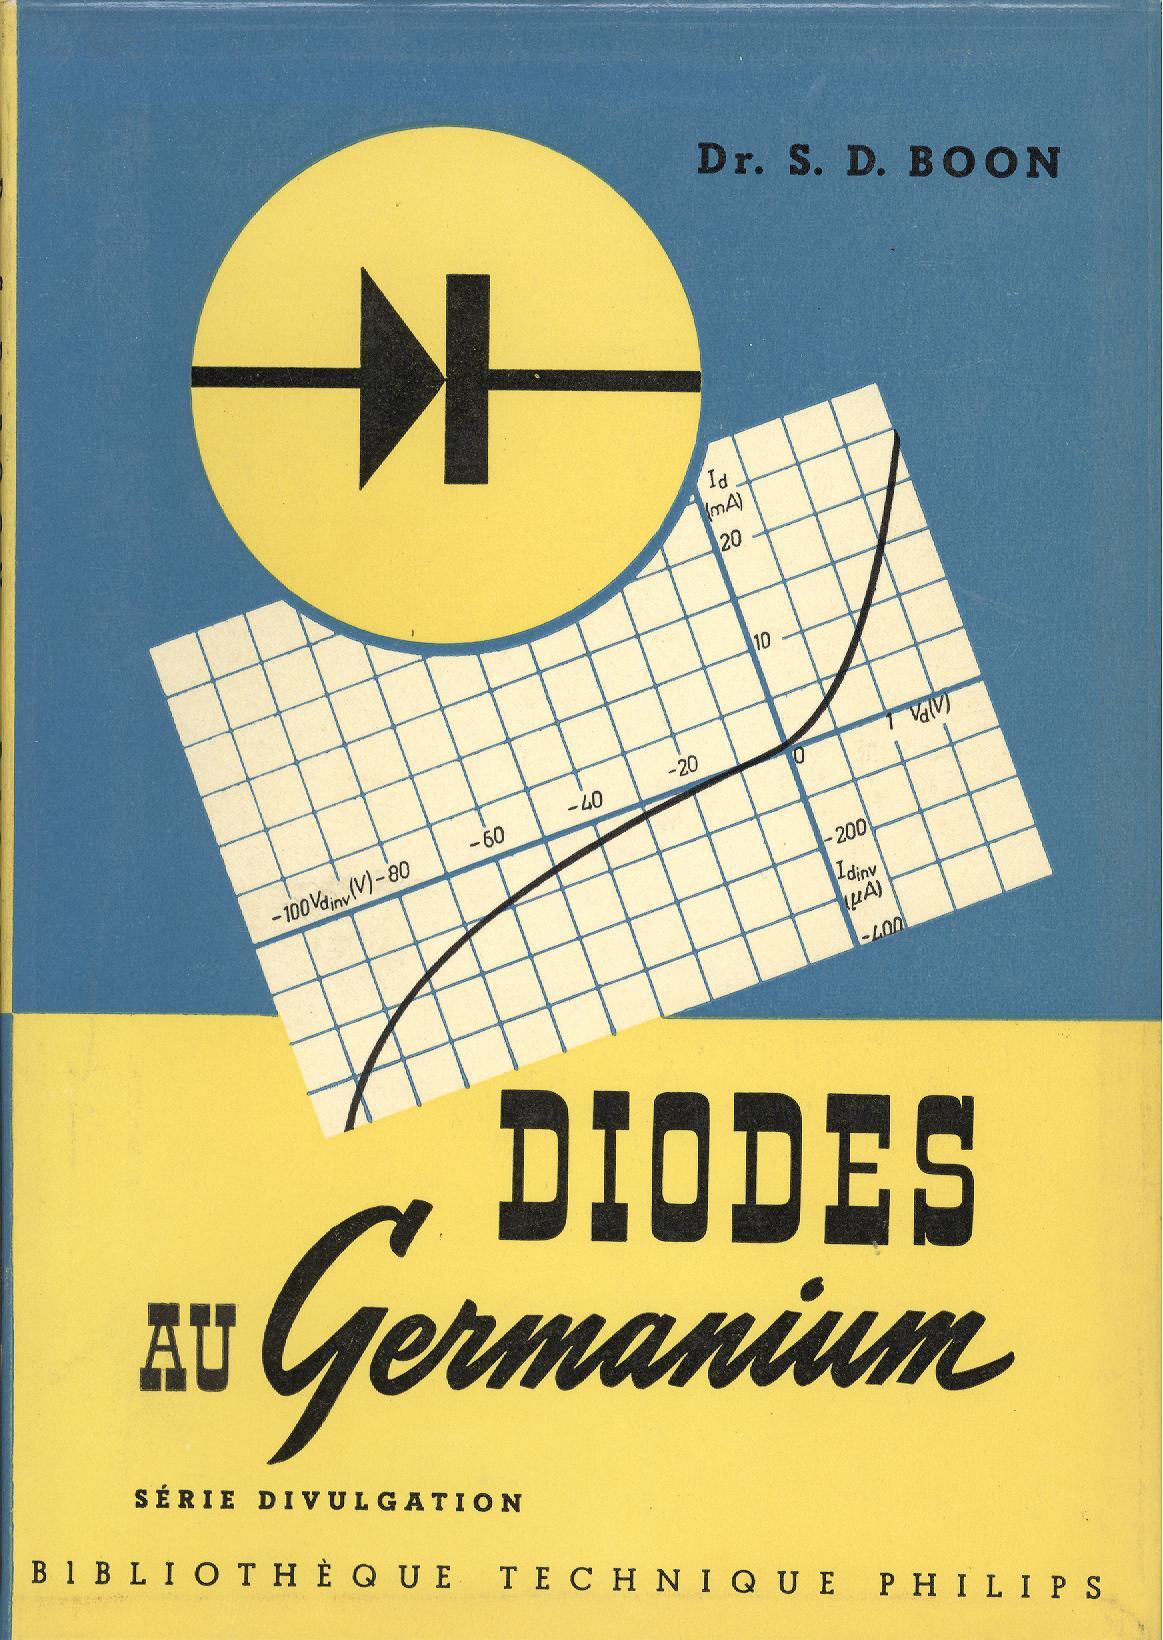 Diodes au Germanium